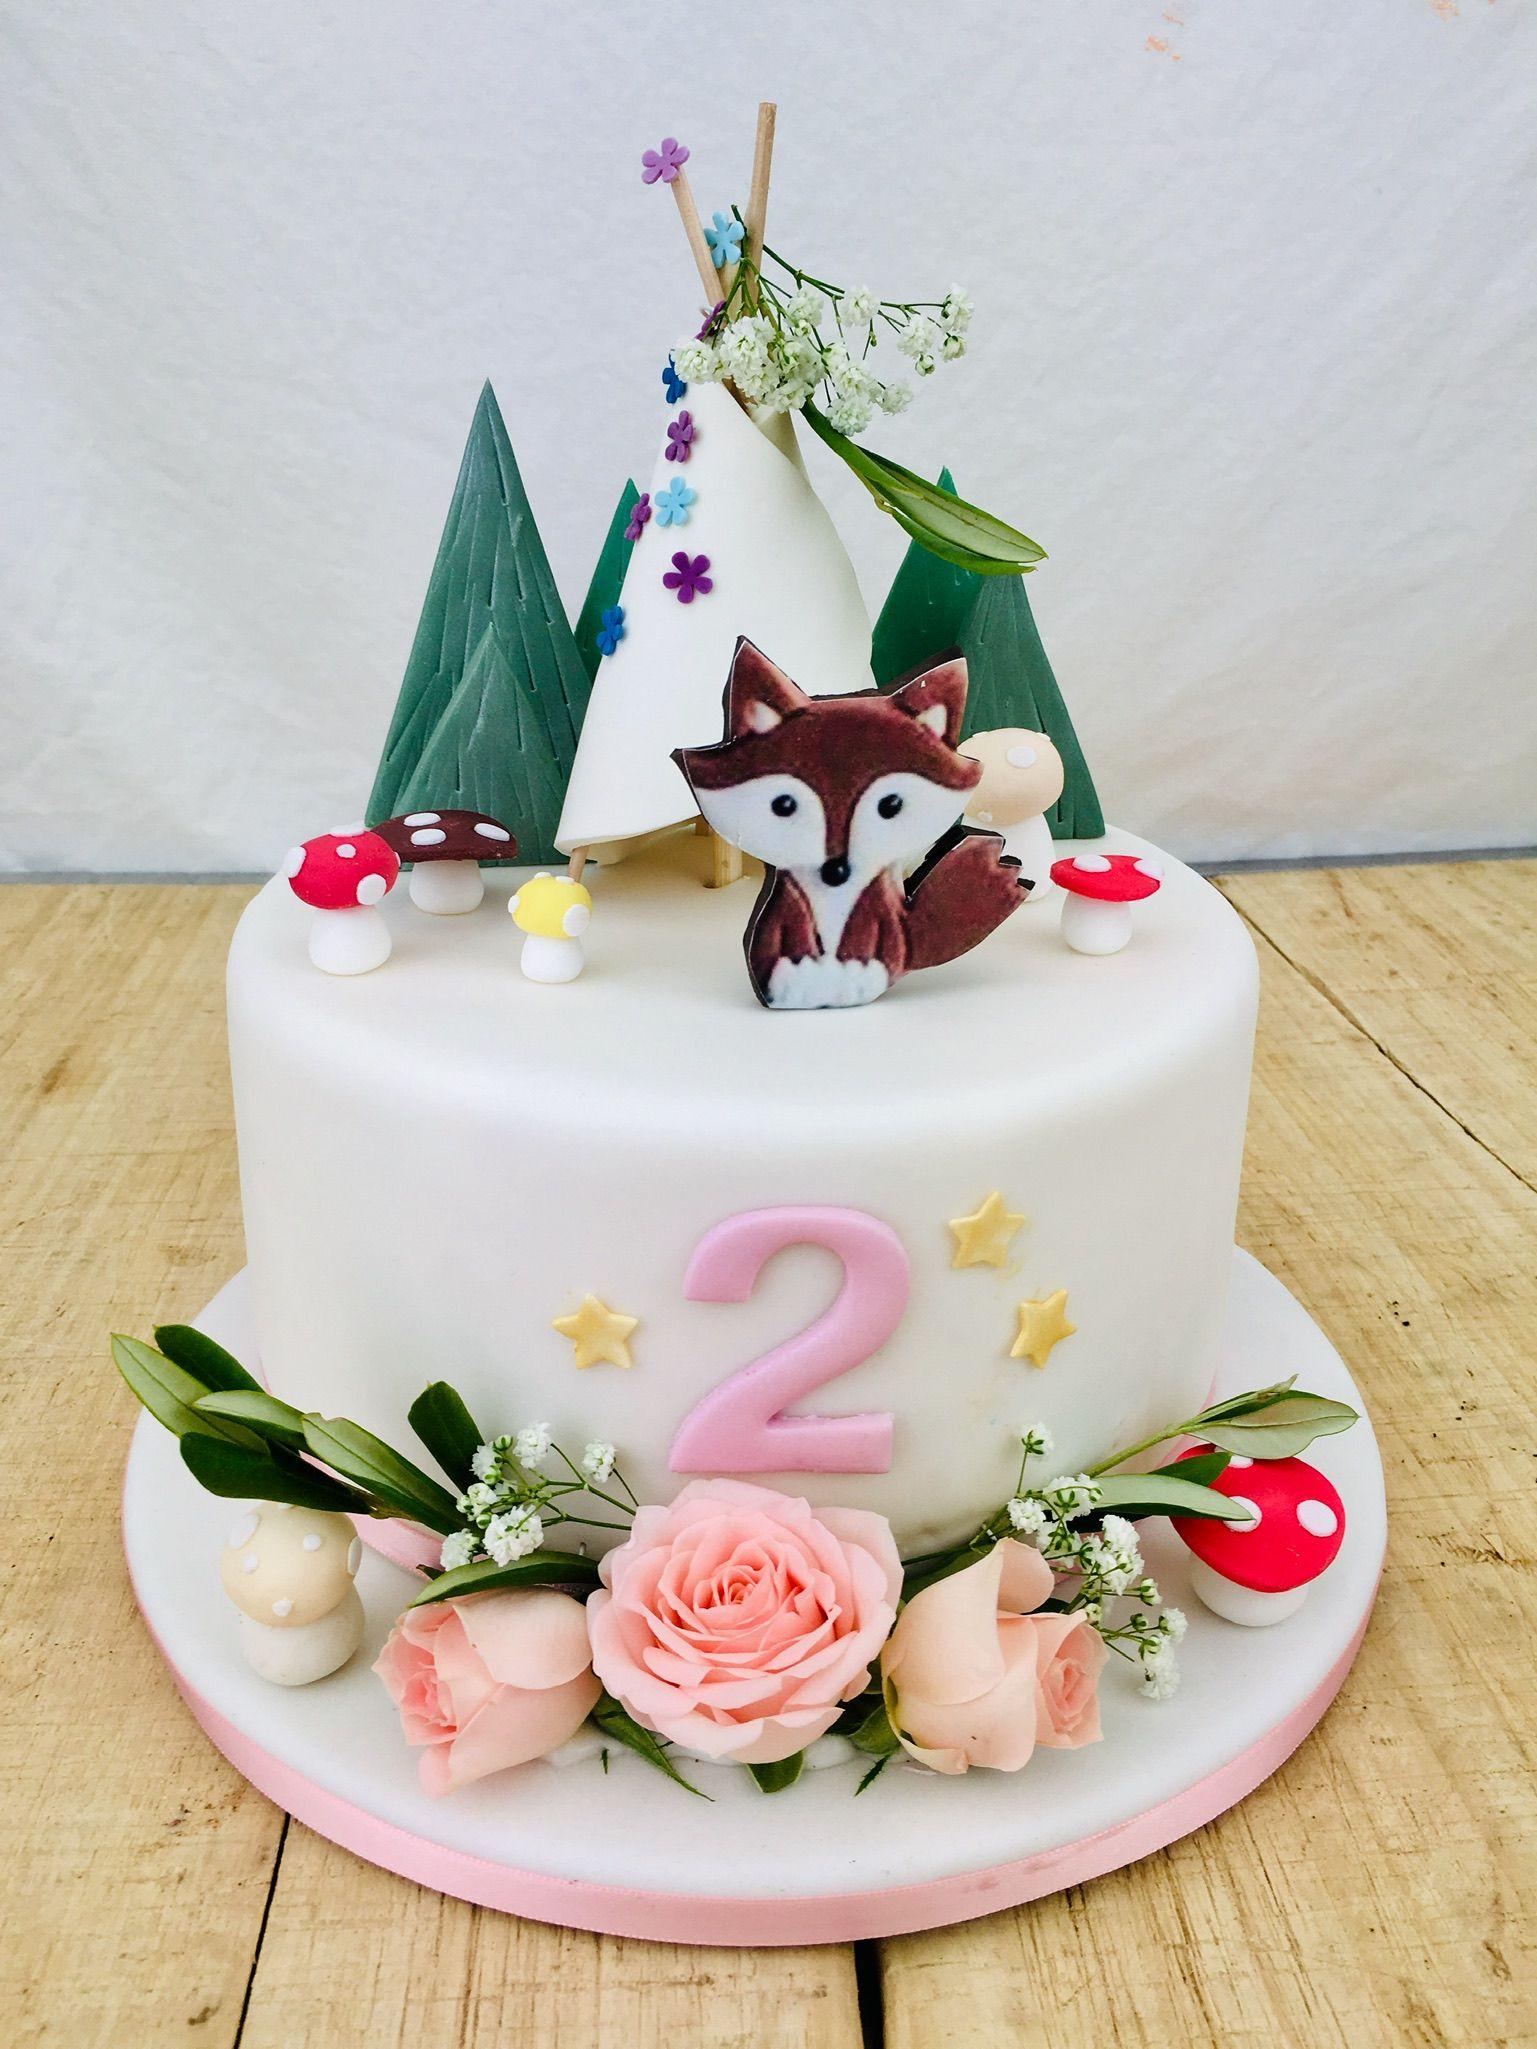 Torte Kuchen Geburtstagstorte Geburtstagskuchen Geburtstag